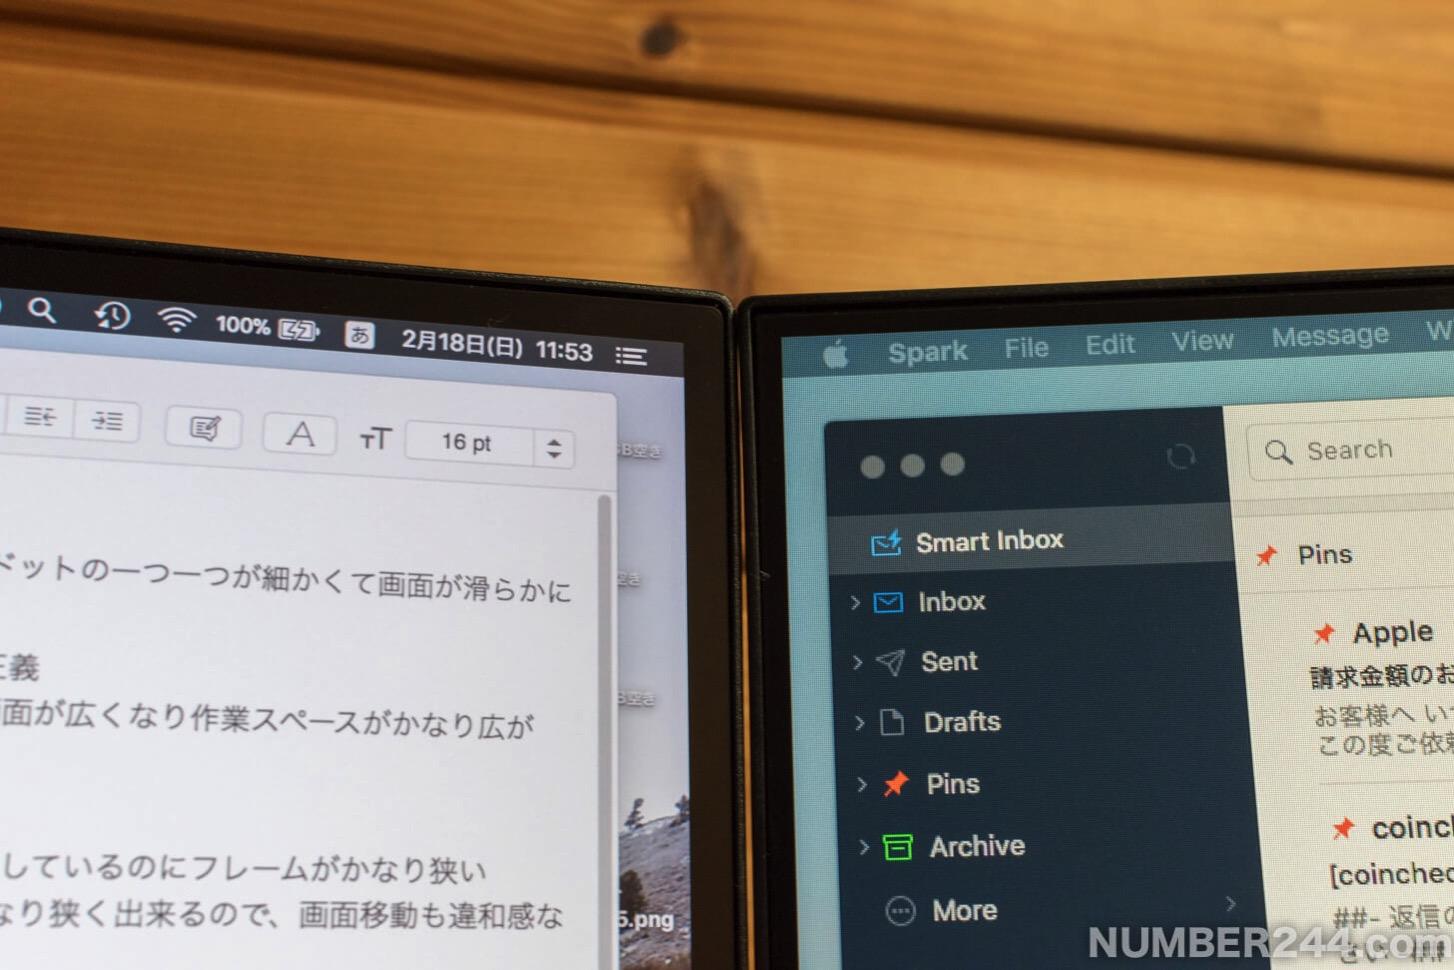 LG 27UK850とiiyamaの24インチフルHDを並べた様子